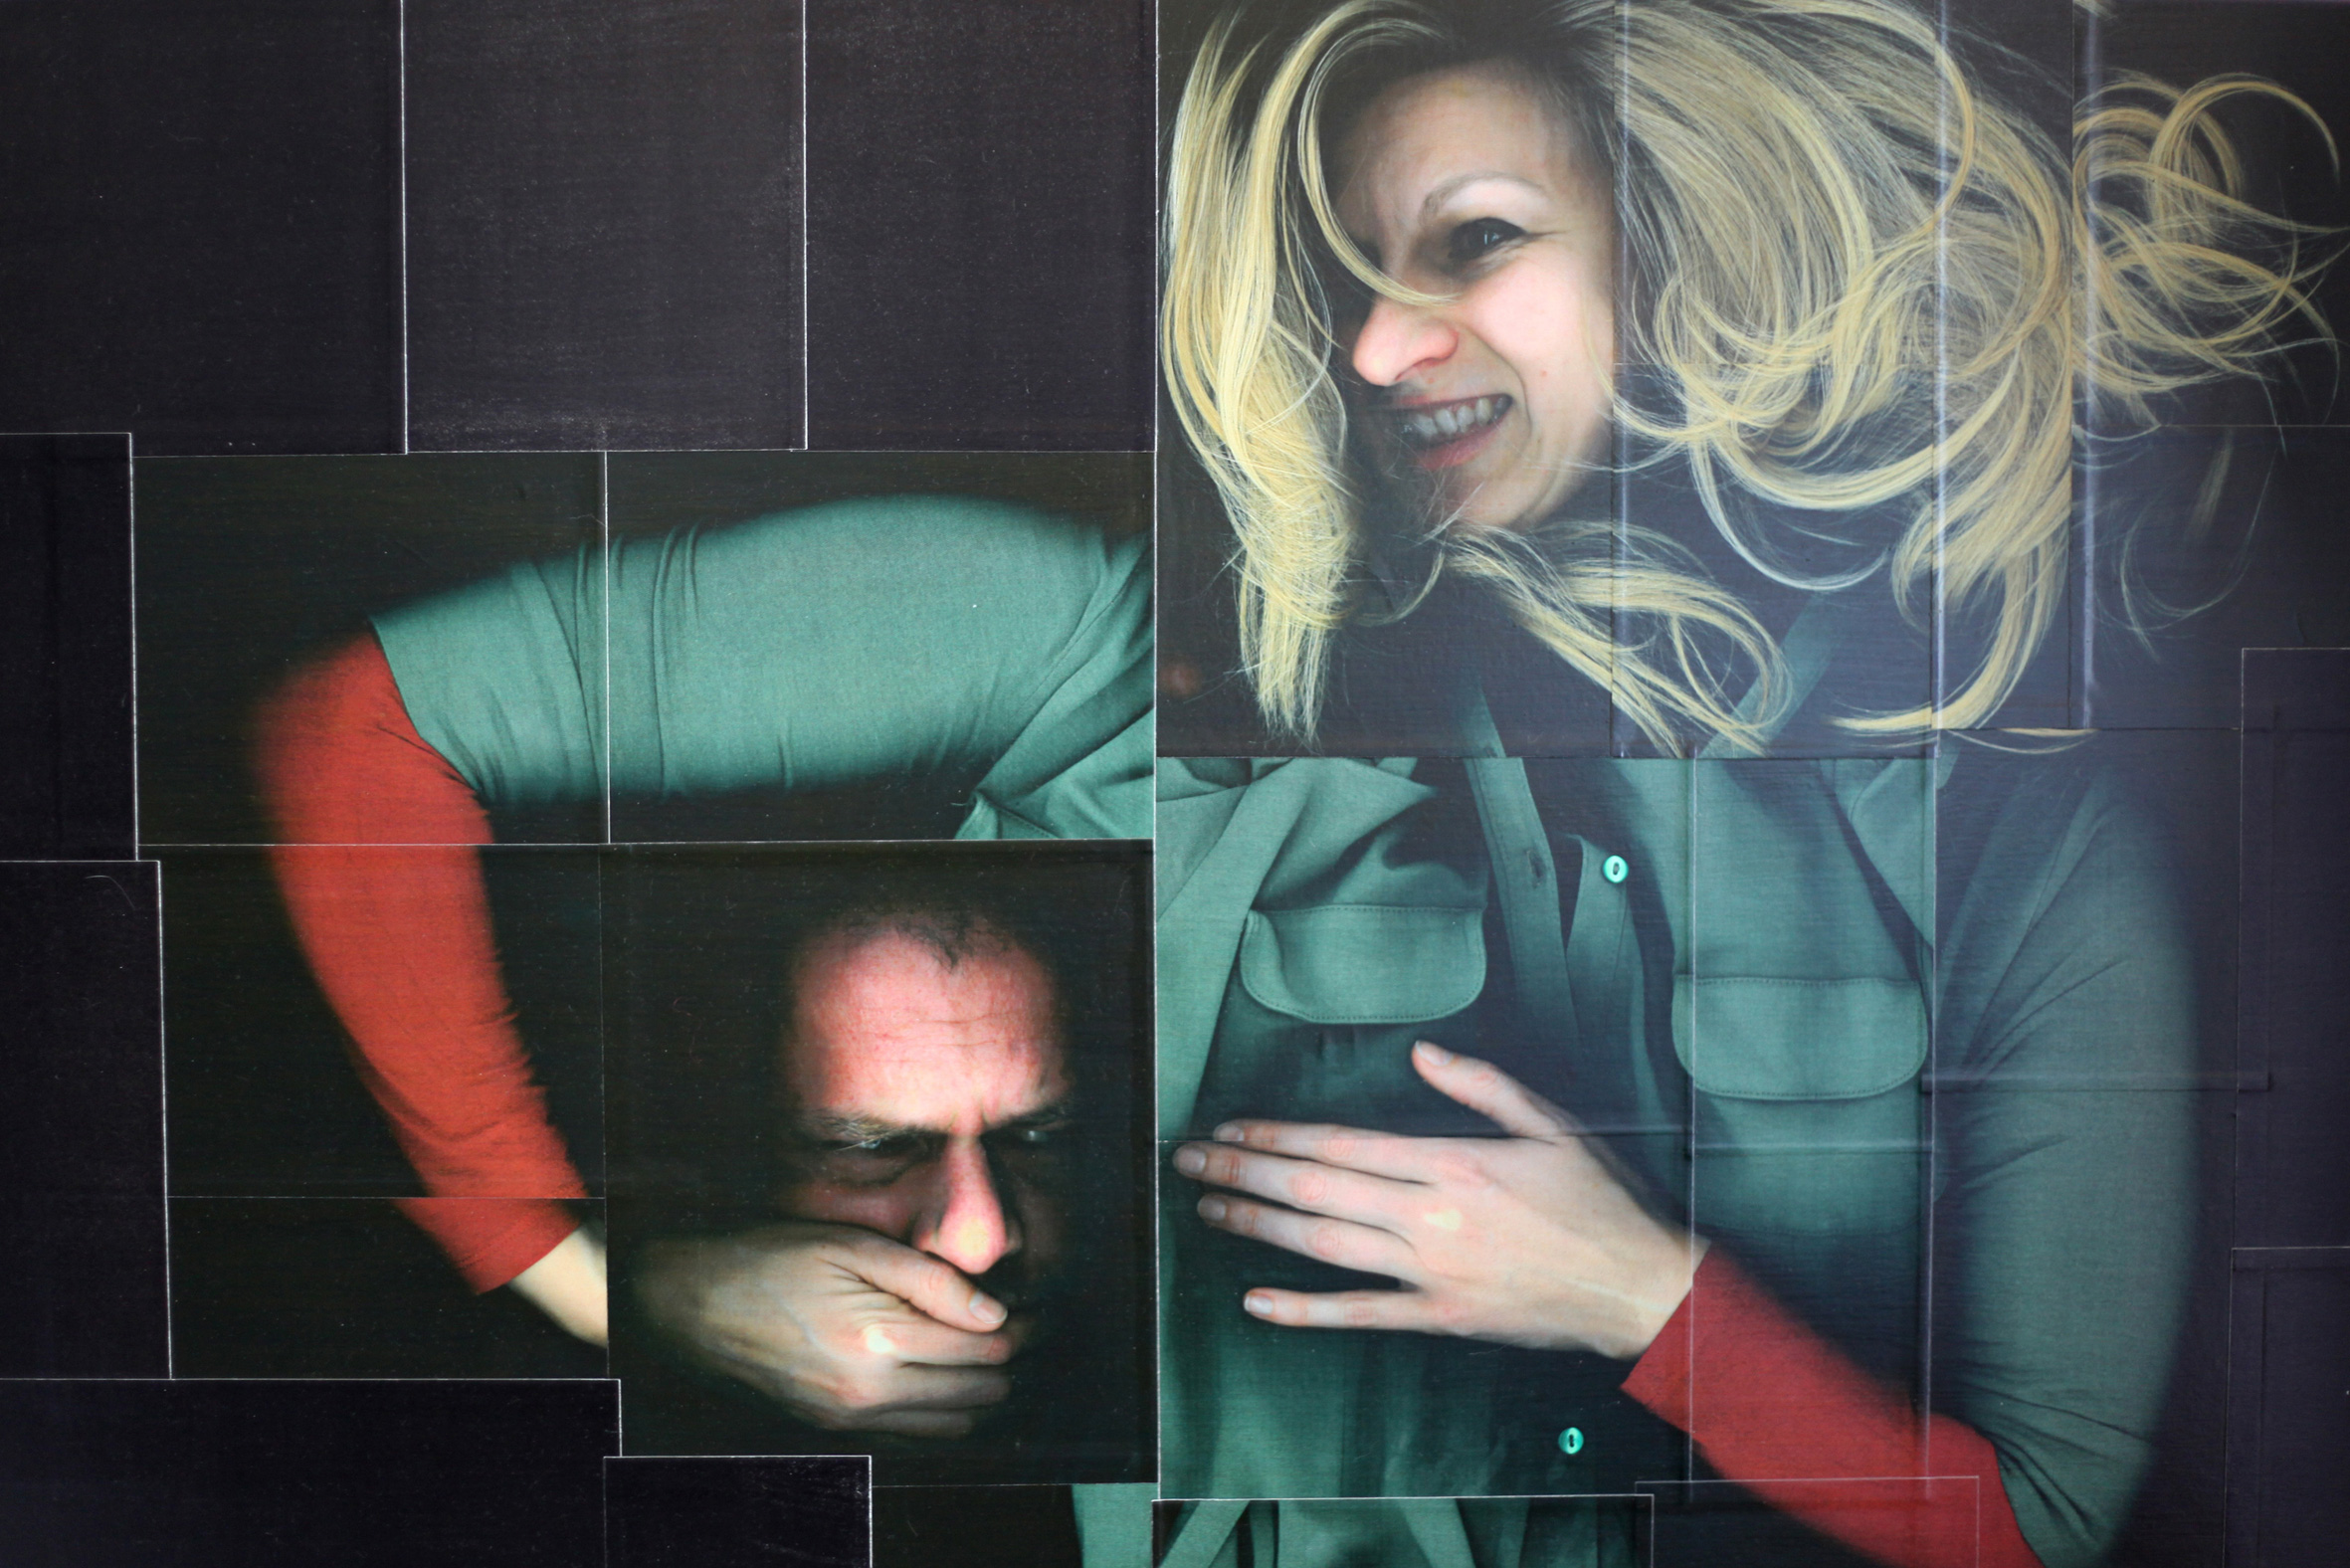 Andrea Esswein: Salomé, 2011, Farb-Kopigraphie auf Holz, UV-Lack, 120 x 90 cm. © VG Bild-Kunst, Bonn 2016 / Foto: Andrea Esswein.